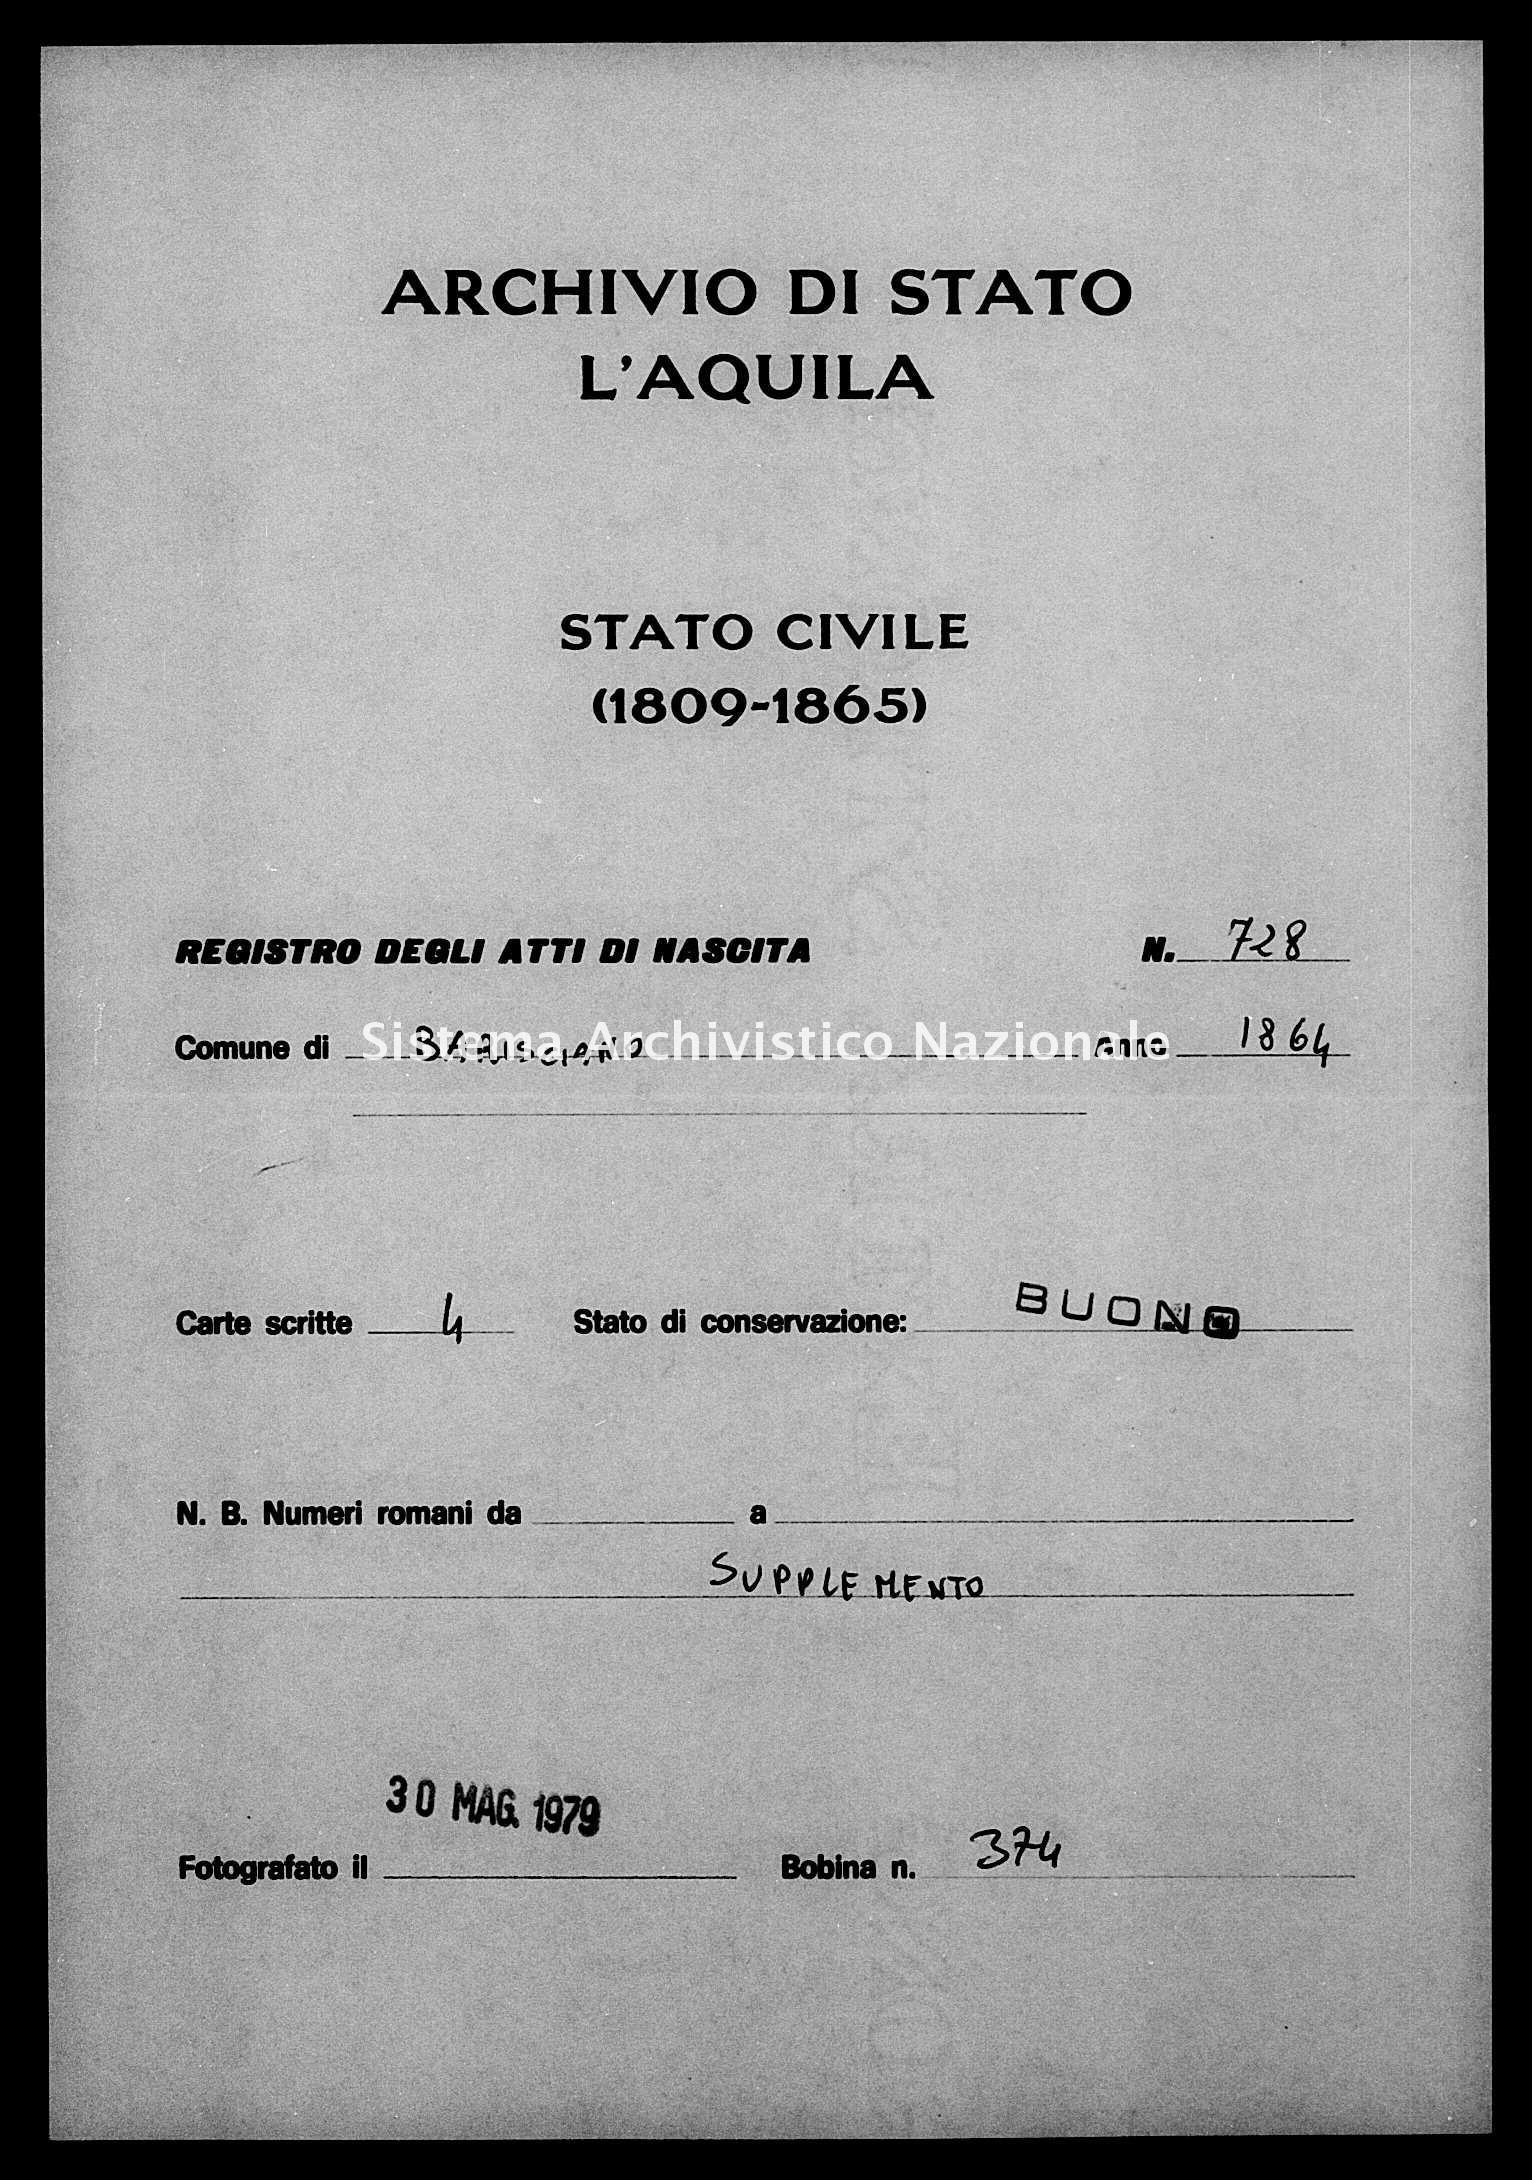 Archivio di stato di L'aquila - Stato civile italiano - Barisciano - Nati, esposti - 1864 - 728 -